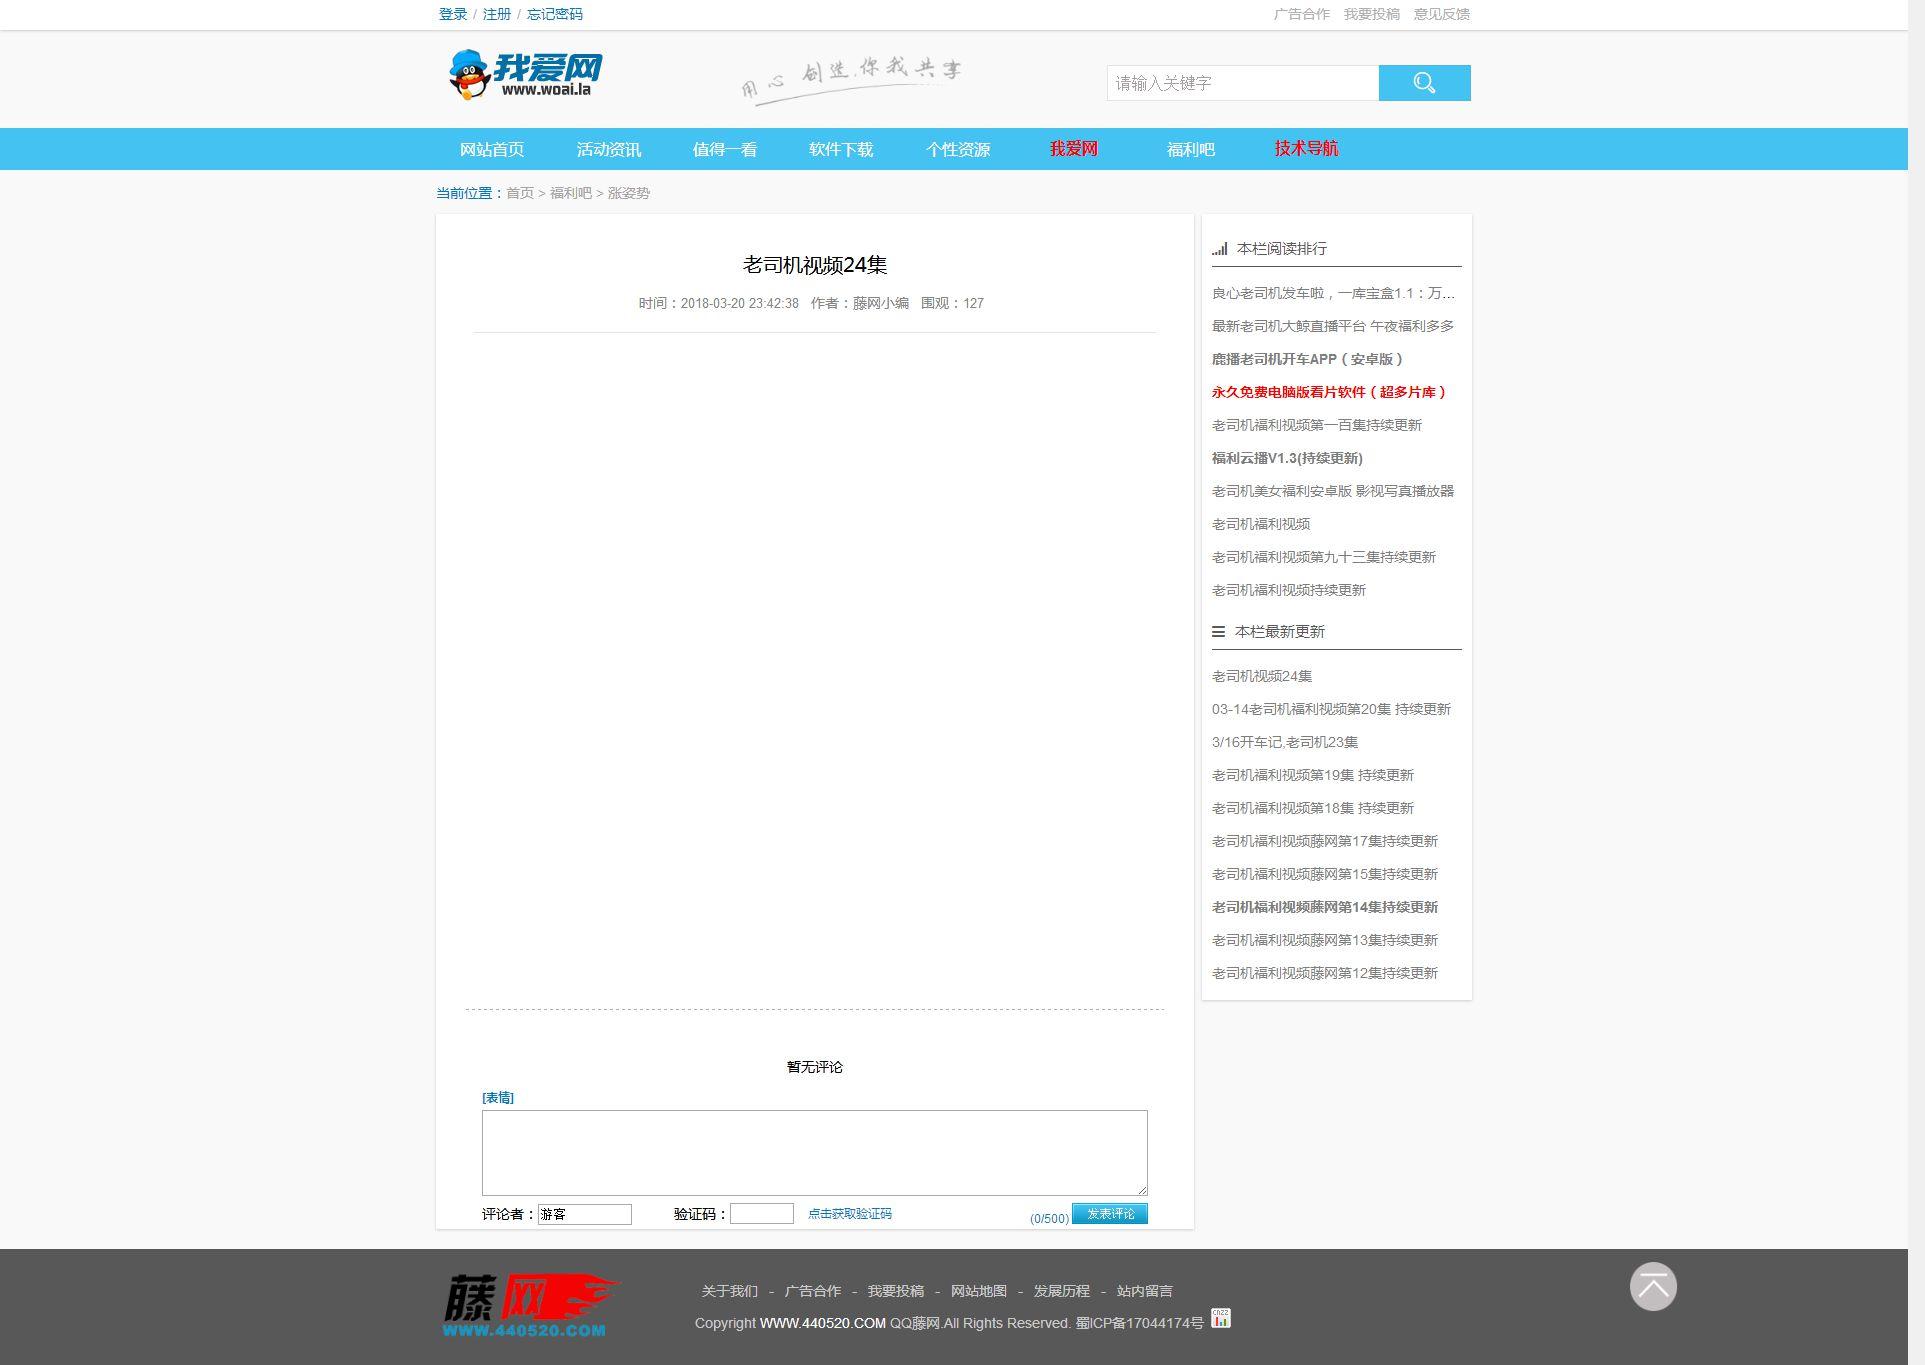 2018网钛php我爱网最新蓝色QQ技术网源码